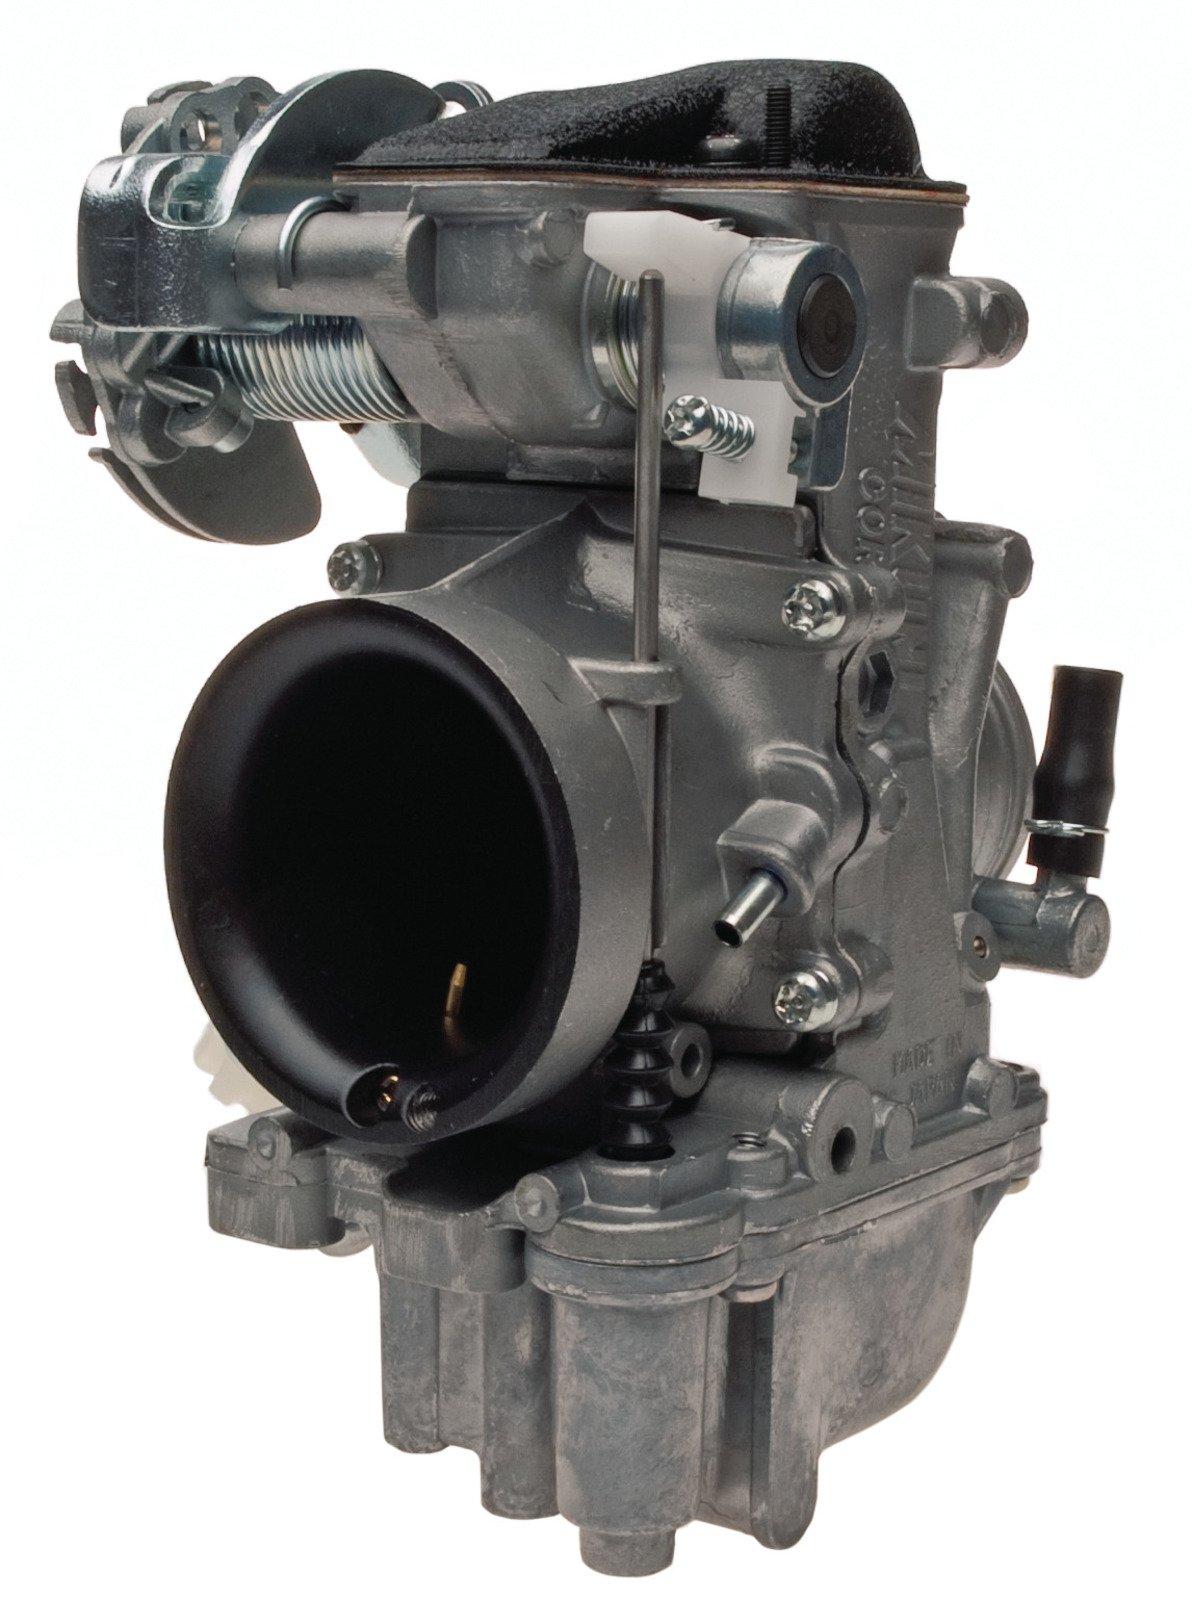 SR500 TT500 XT500 Mikuni TM36-68 Pumper Flat Slide